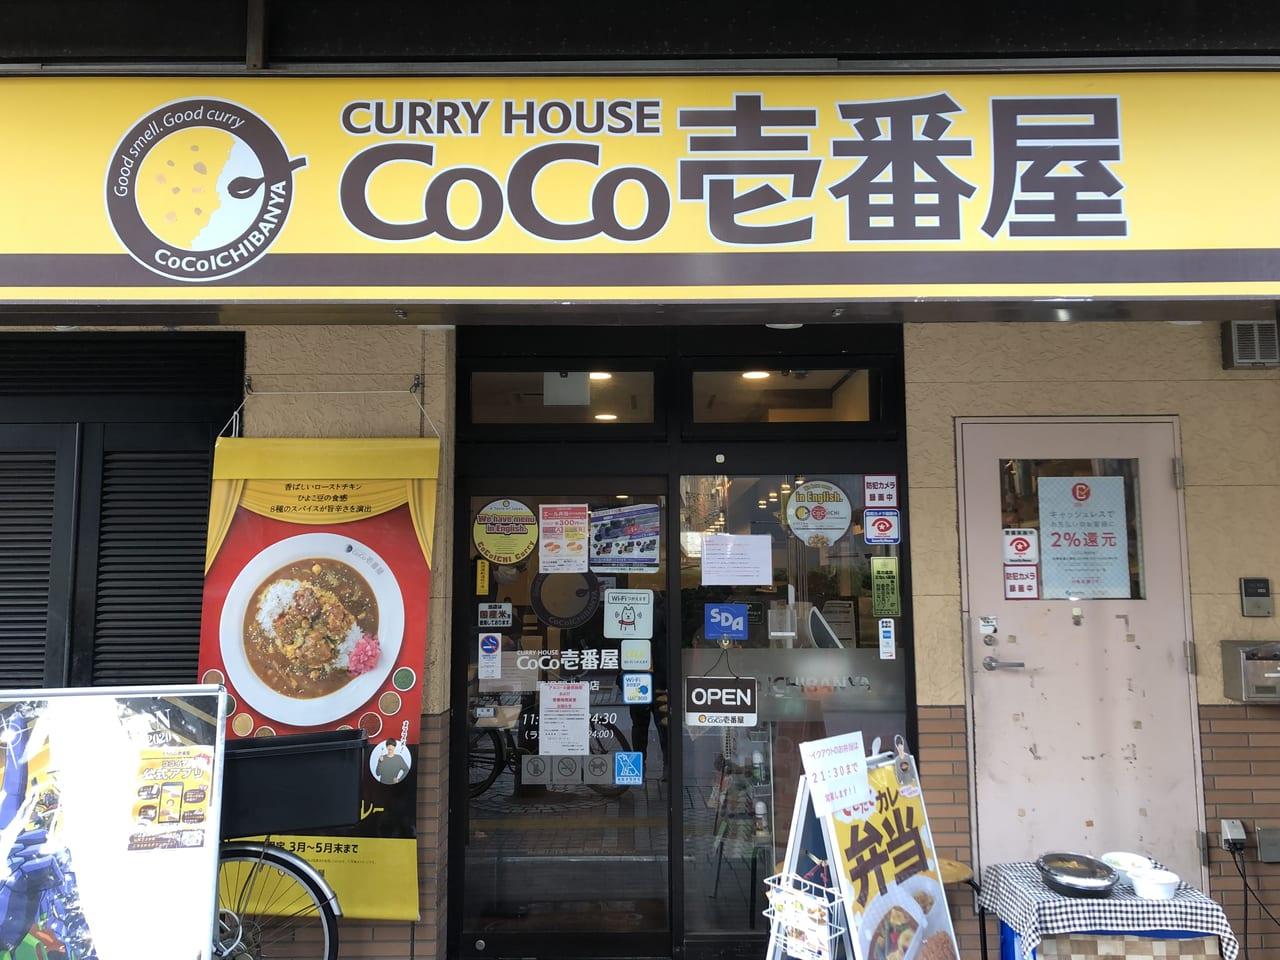 エール coco 弁当 壱